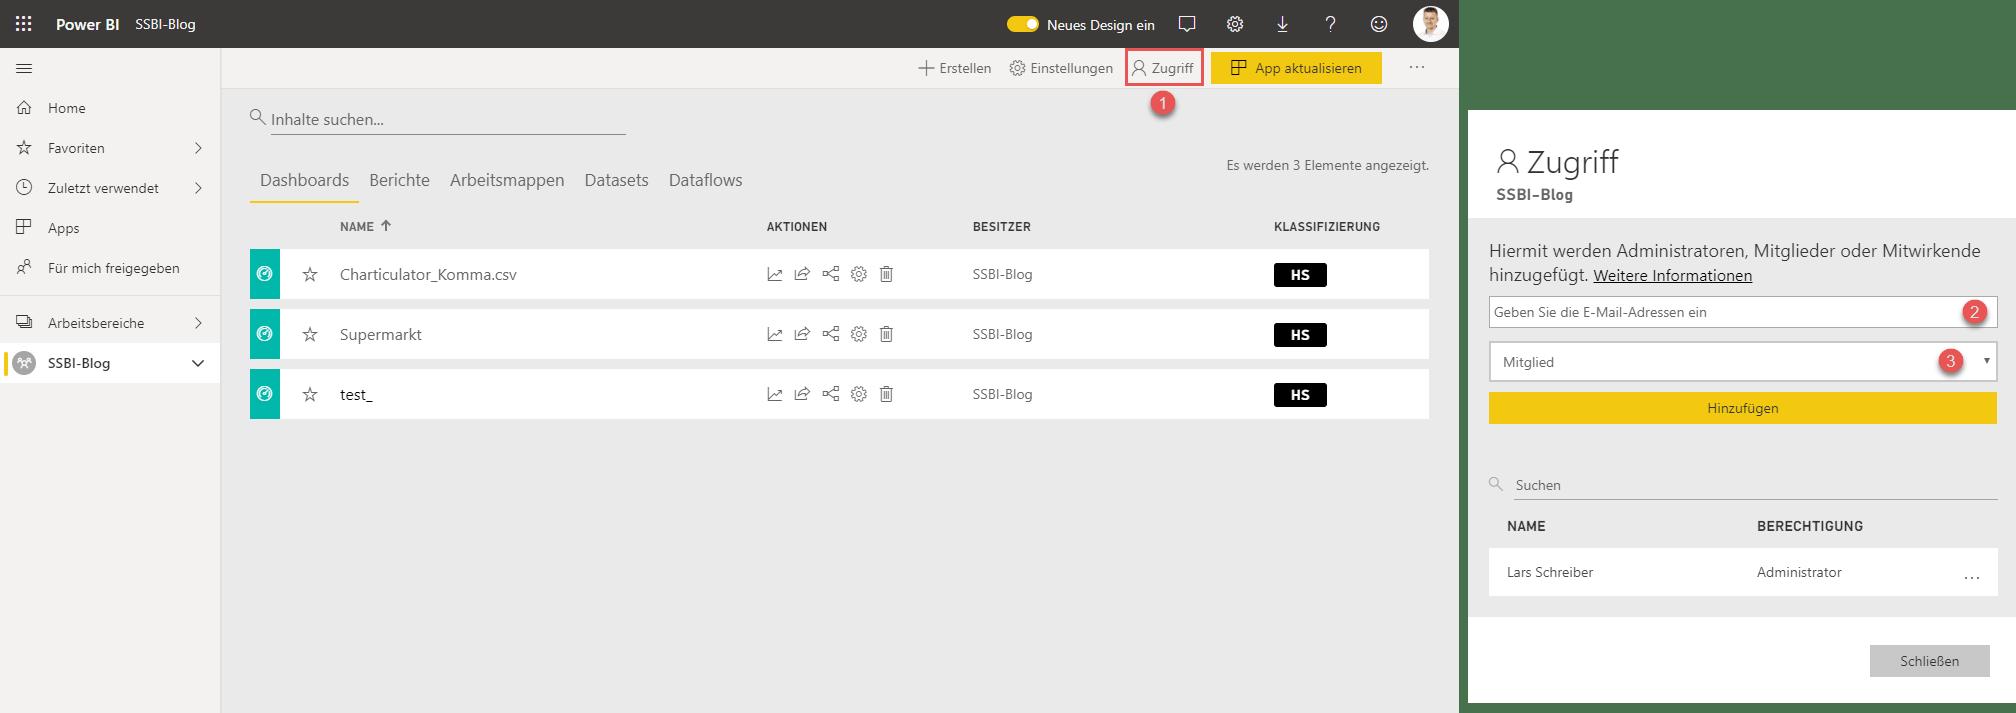 Nutzer für den Workspace berechtigen, Power BI service